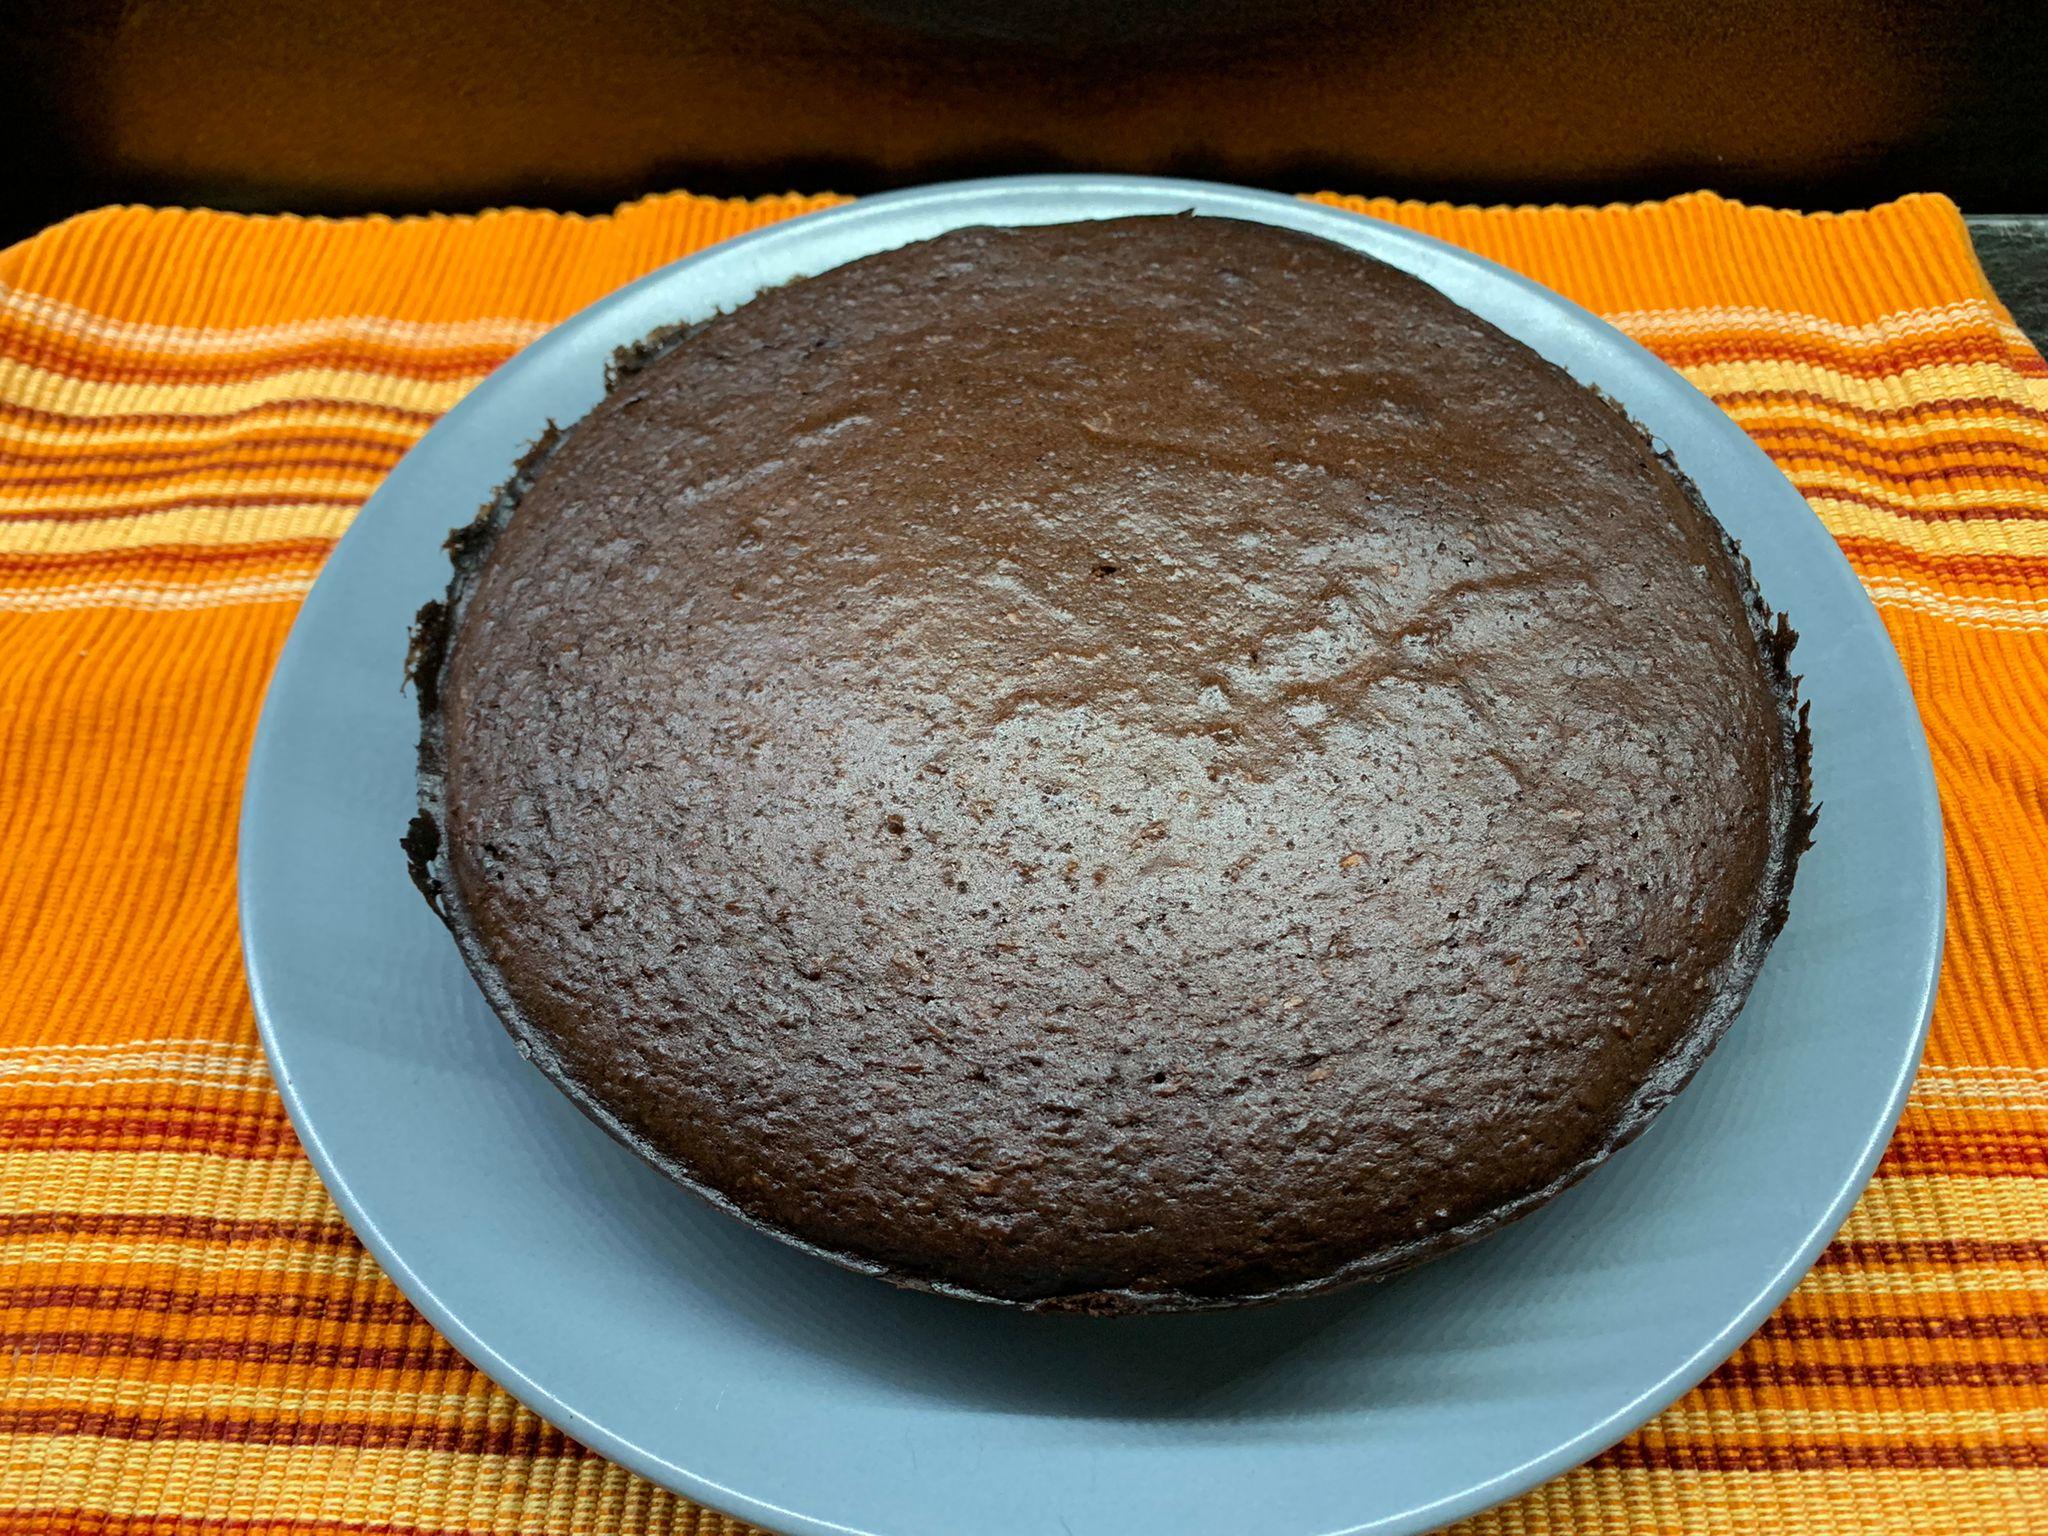 Torta cocco e cacao chetogenica